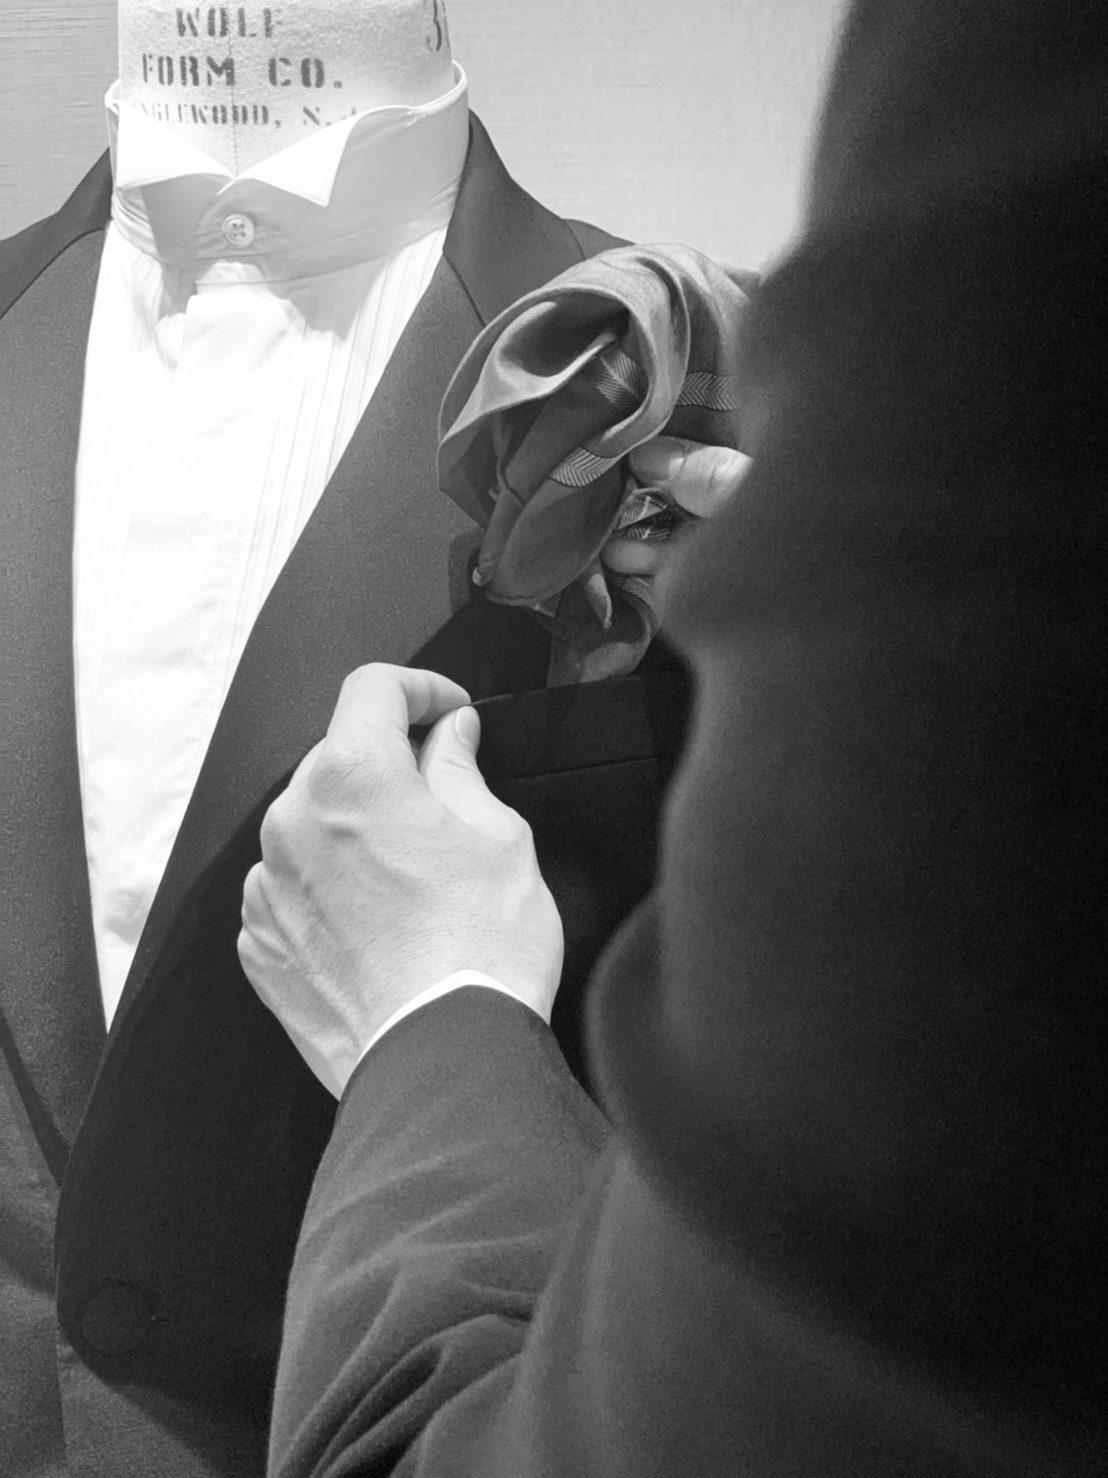 TREAT Gentlemanでは、オーセンティックなタキシードを取り扱っております。時代の潮流に左右されないスタイルをご提案させていただいております。フォーマルウェアのアイテムの一つであるポケットチーフは、お洒落ではなく男性の品格を保つために必要なアイテムです。 またポケットチーフで胸元にアクセントを加えることで、フォーマル・カジュアル・ビジネスなど様々なシーンにおいて相手へ良い印象を与え、自身のイメージアップに大きく繋がります。